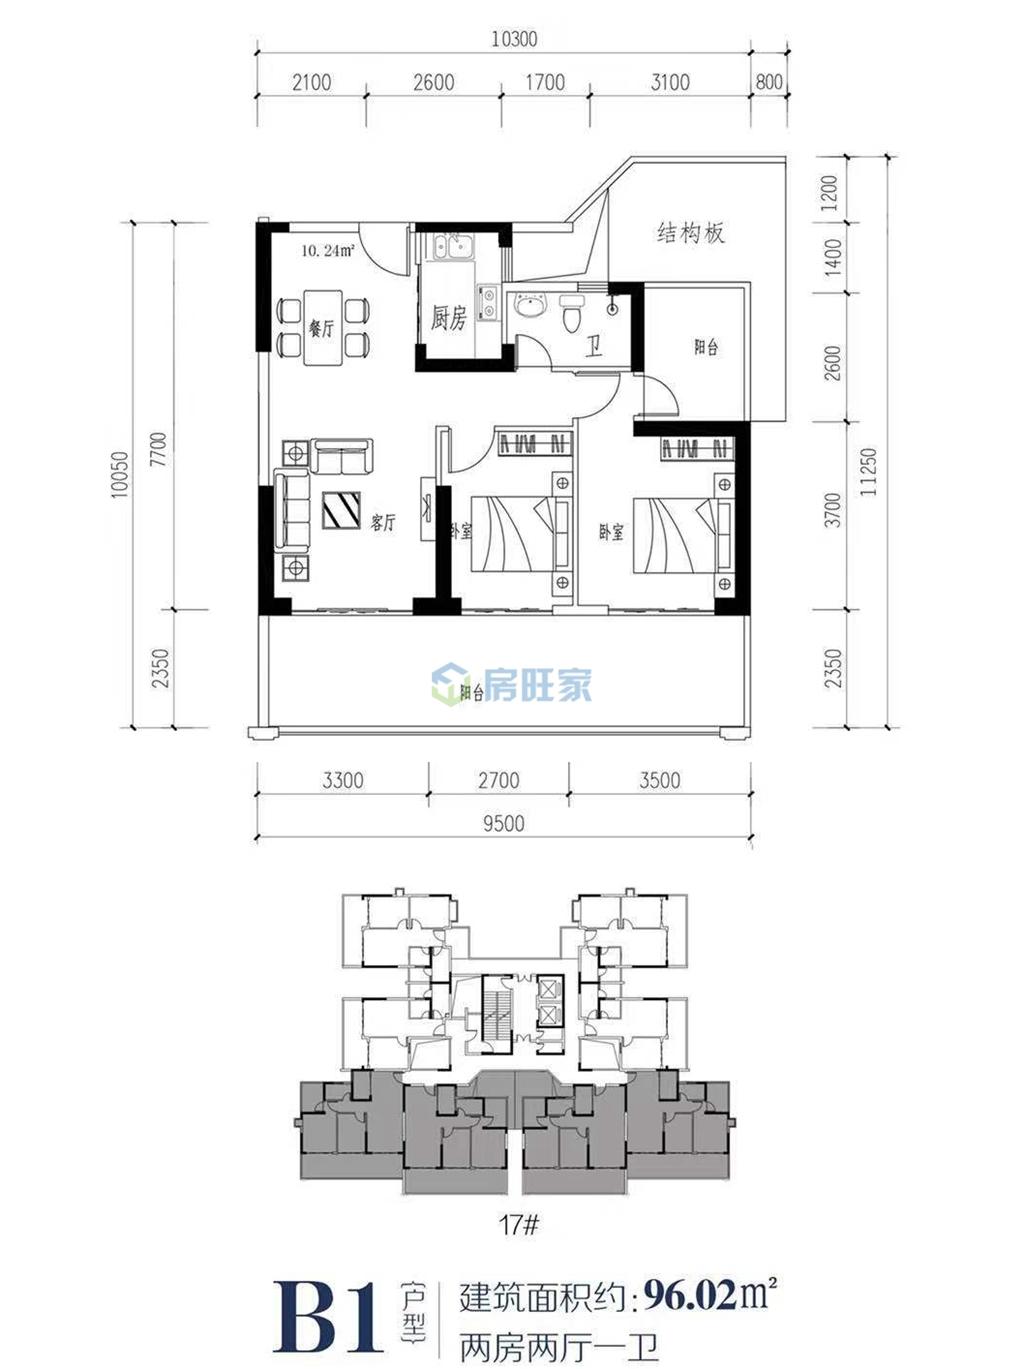 山湖海两房户型 建面96.02㎡